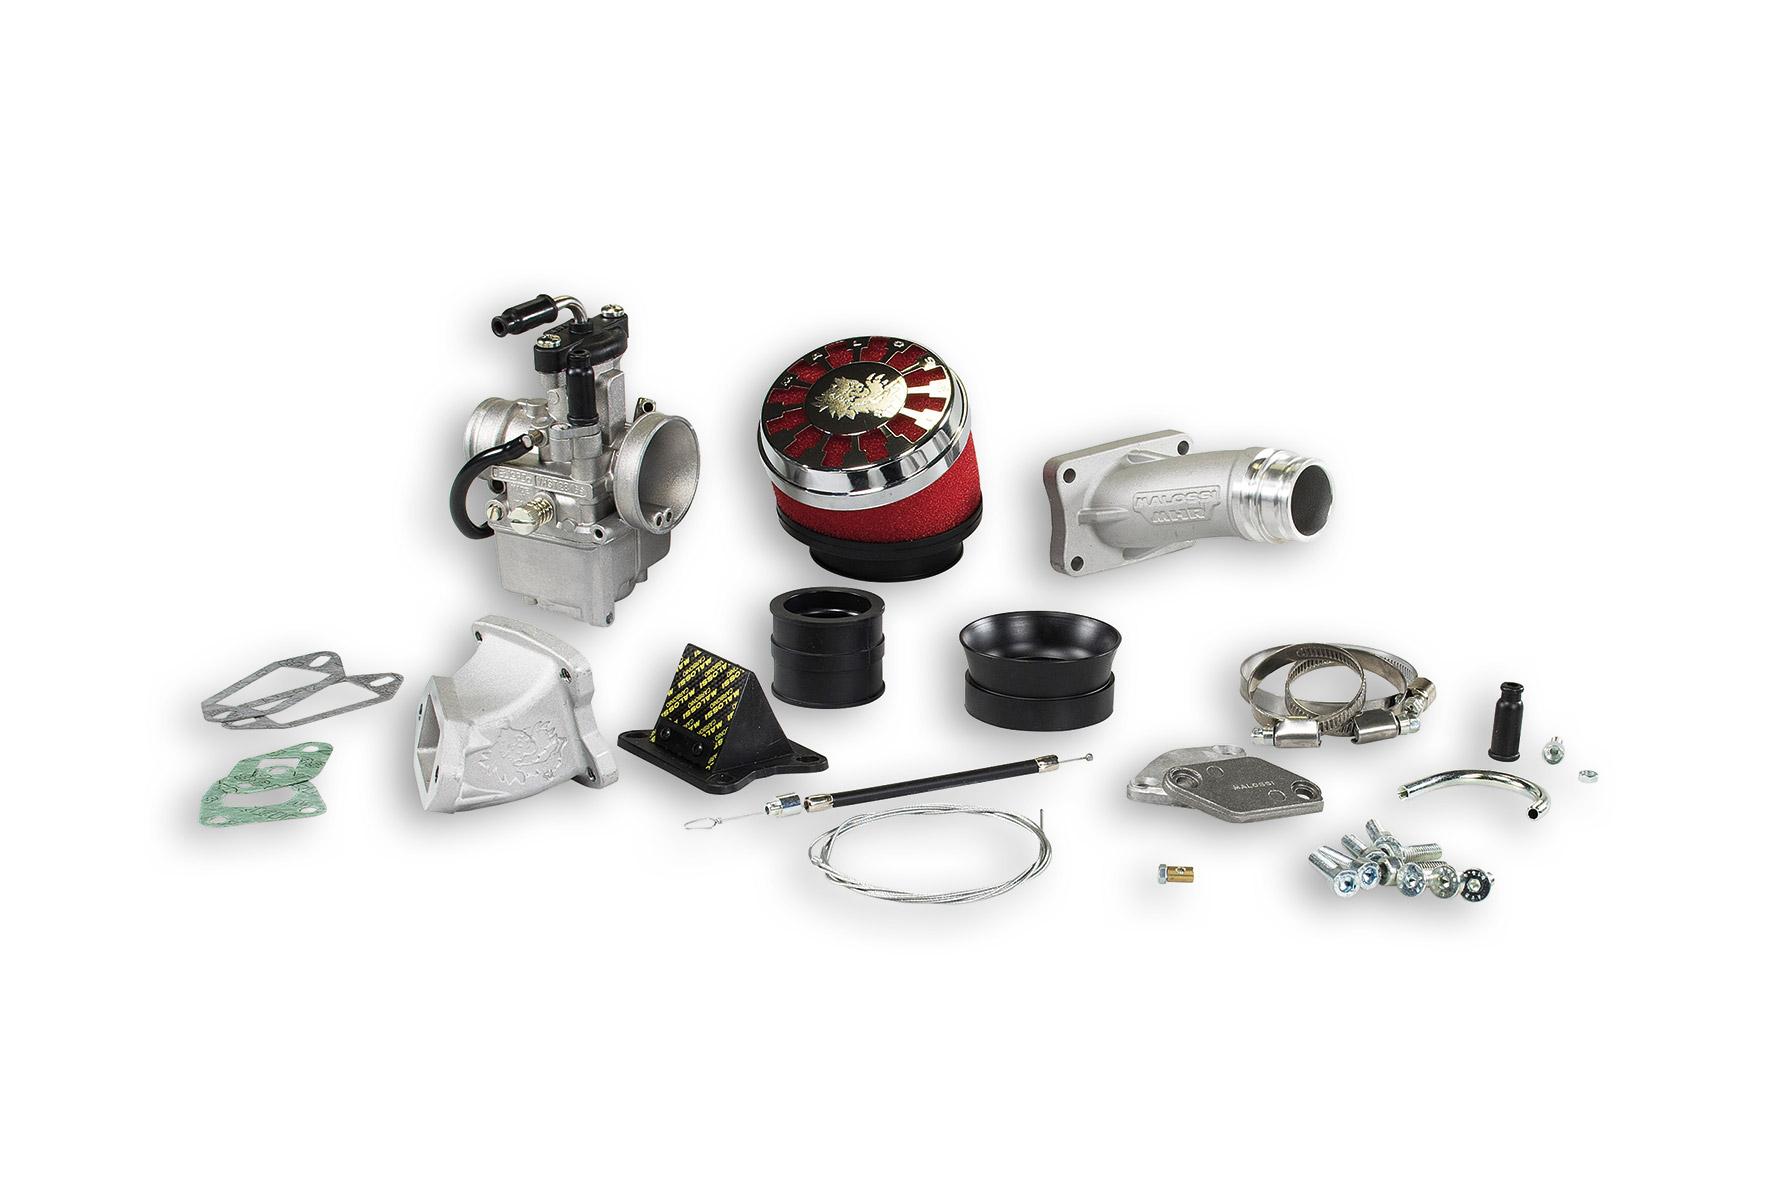 Impianto alimentazione MHR VHST 28 lamellare al cilindro per Vespa ET3 Primavera 125